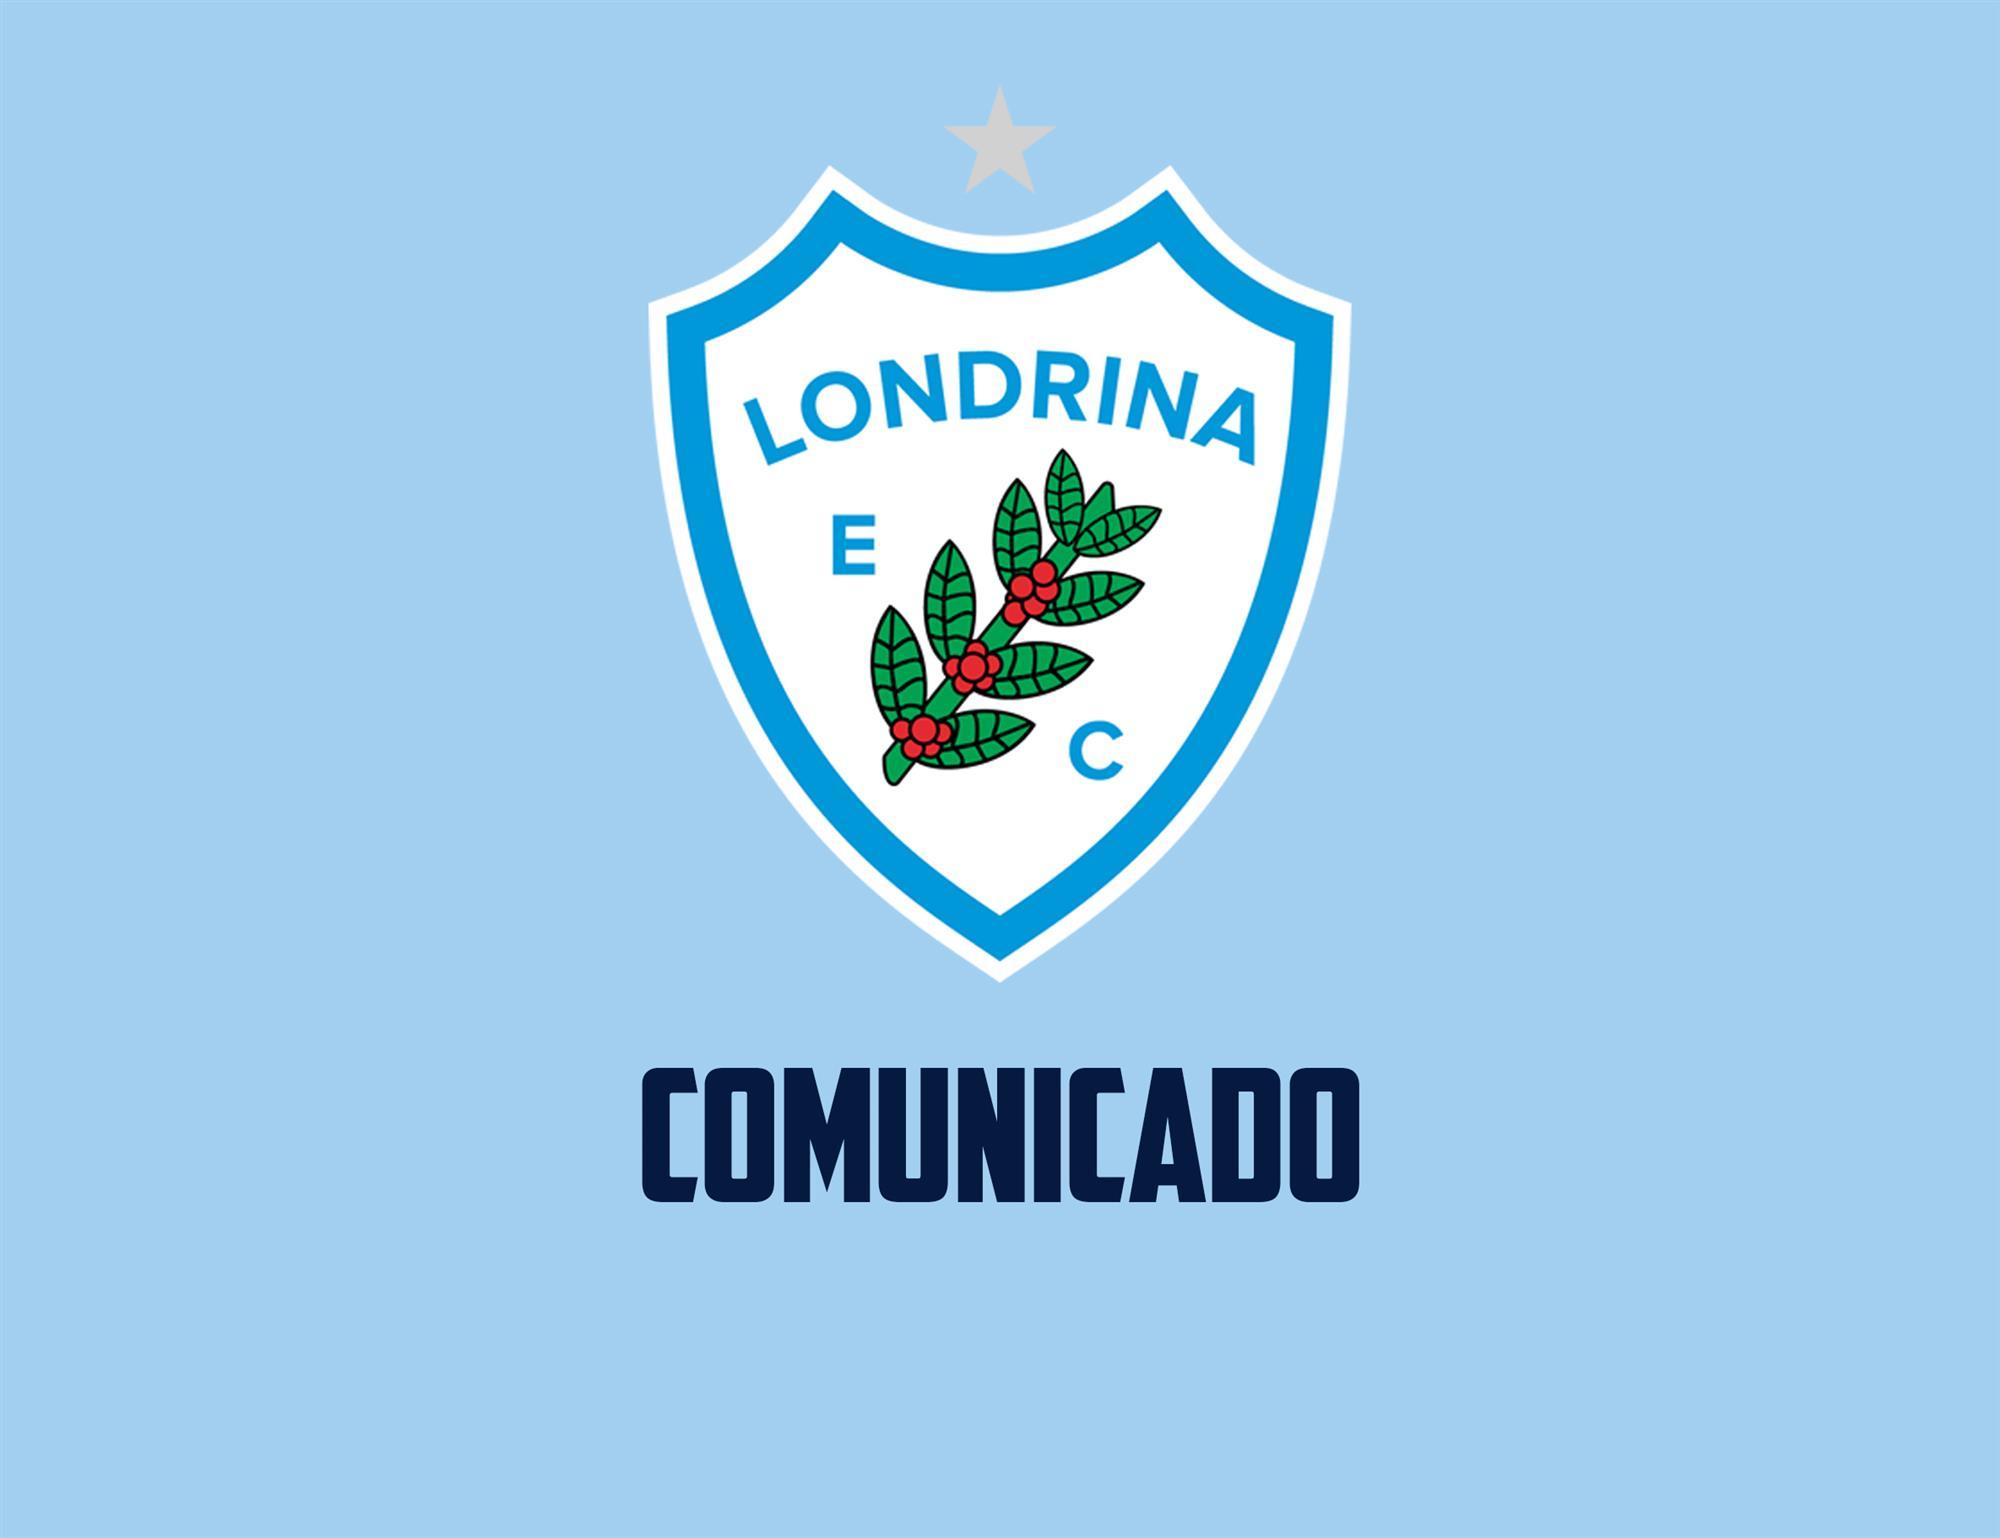 Comunicado Oficial: Escolinha do Londrina Esporte Clube